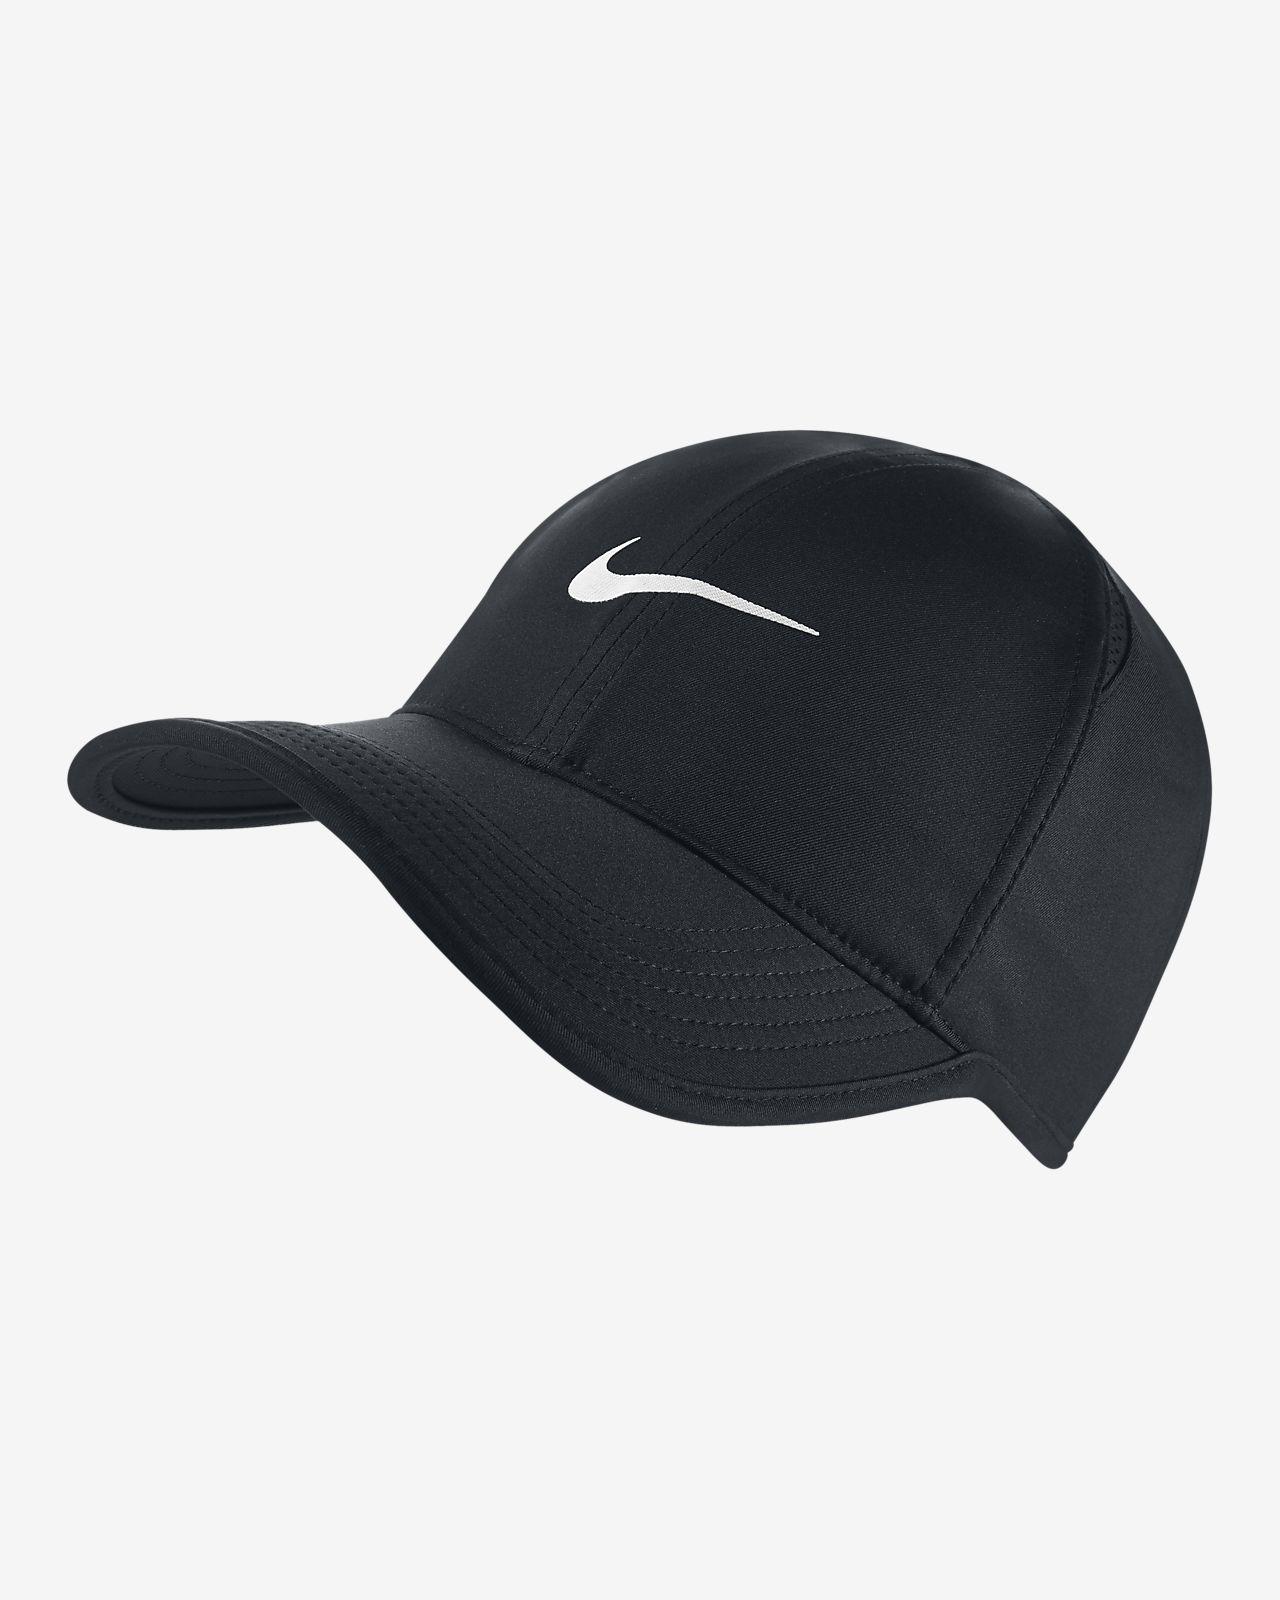 Gorra de tenis NikeCourt AeroBill Featherlight